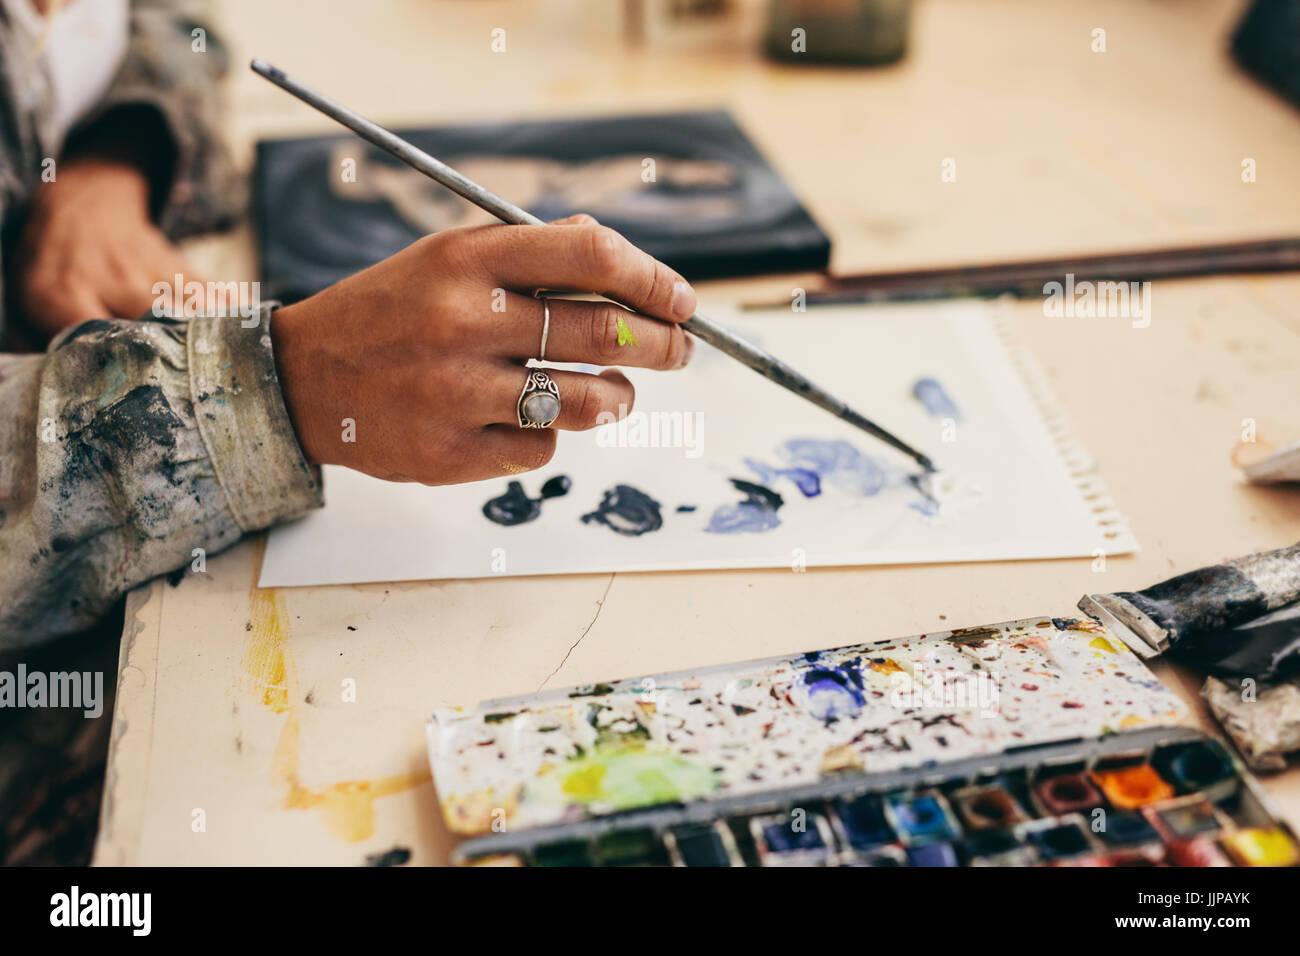 Nahaufnahme eines weiblichen Künstlers Hand hält Pinsel und Mischen von Farben auf Papier. Schuss der Stockbild